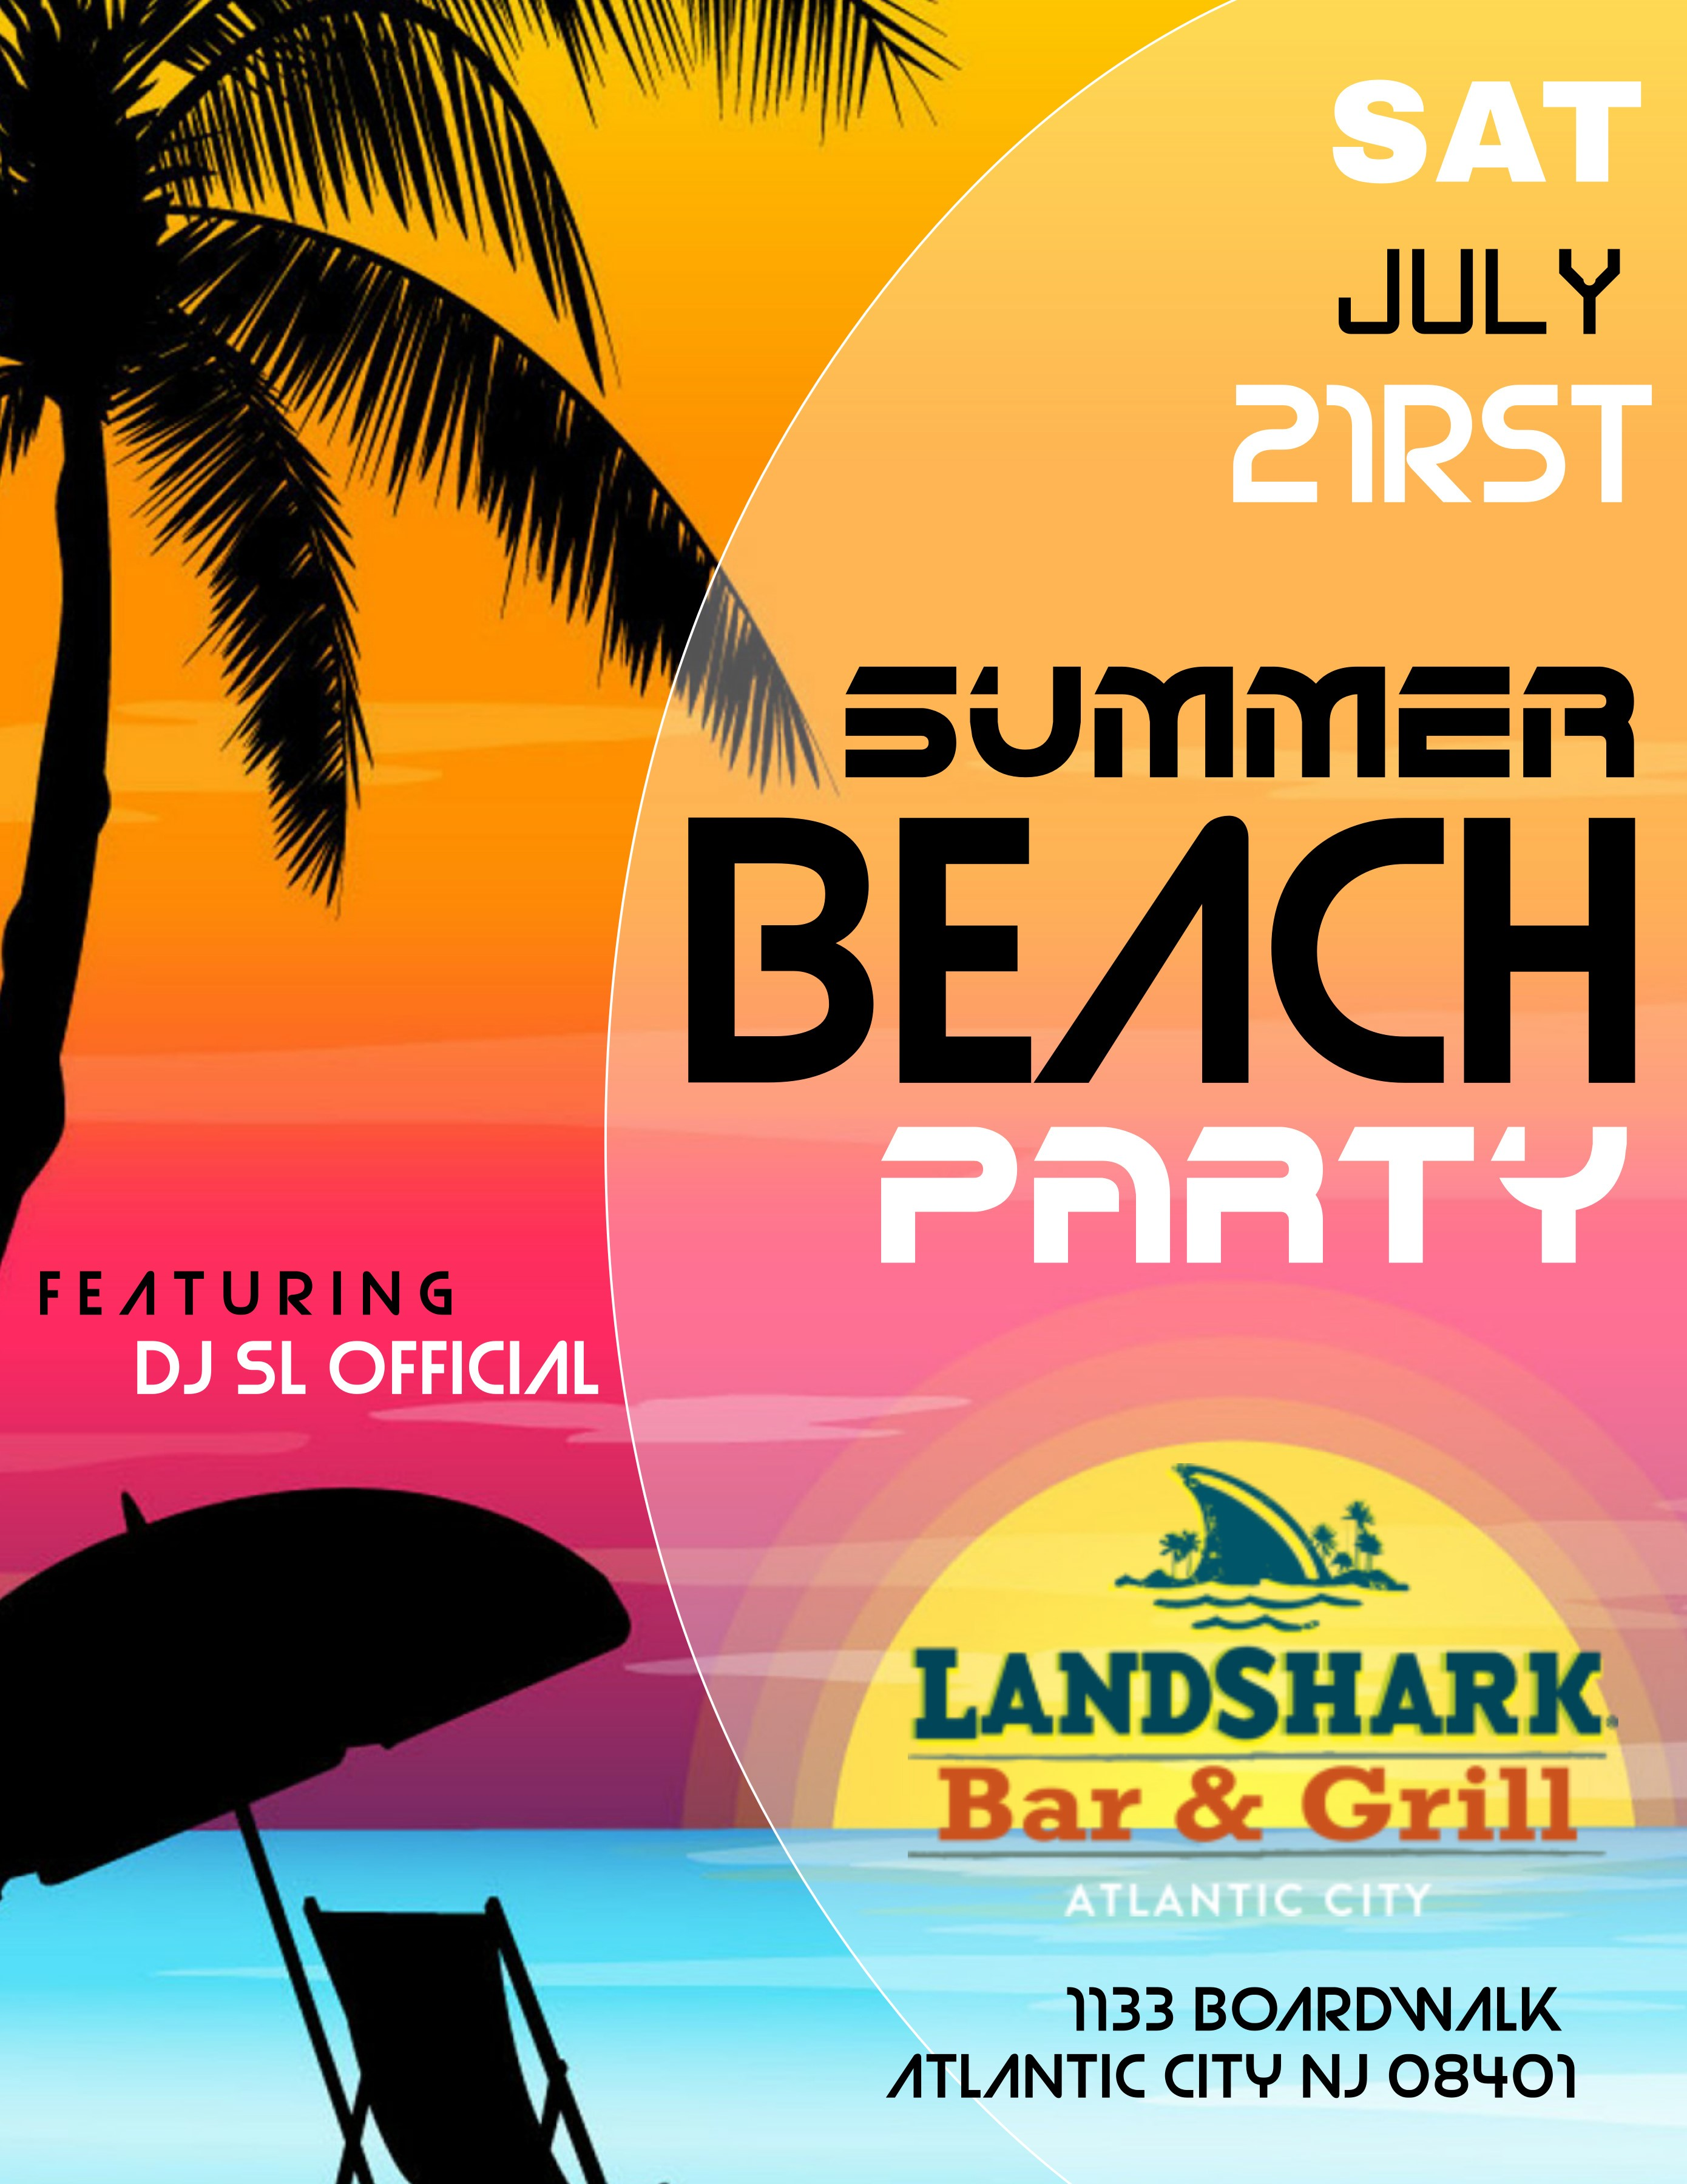 LandShark Bar & Grill Restaurant in Atlantic City | Atlantic